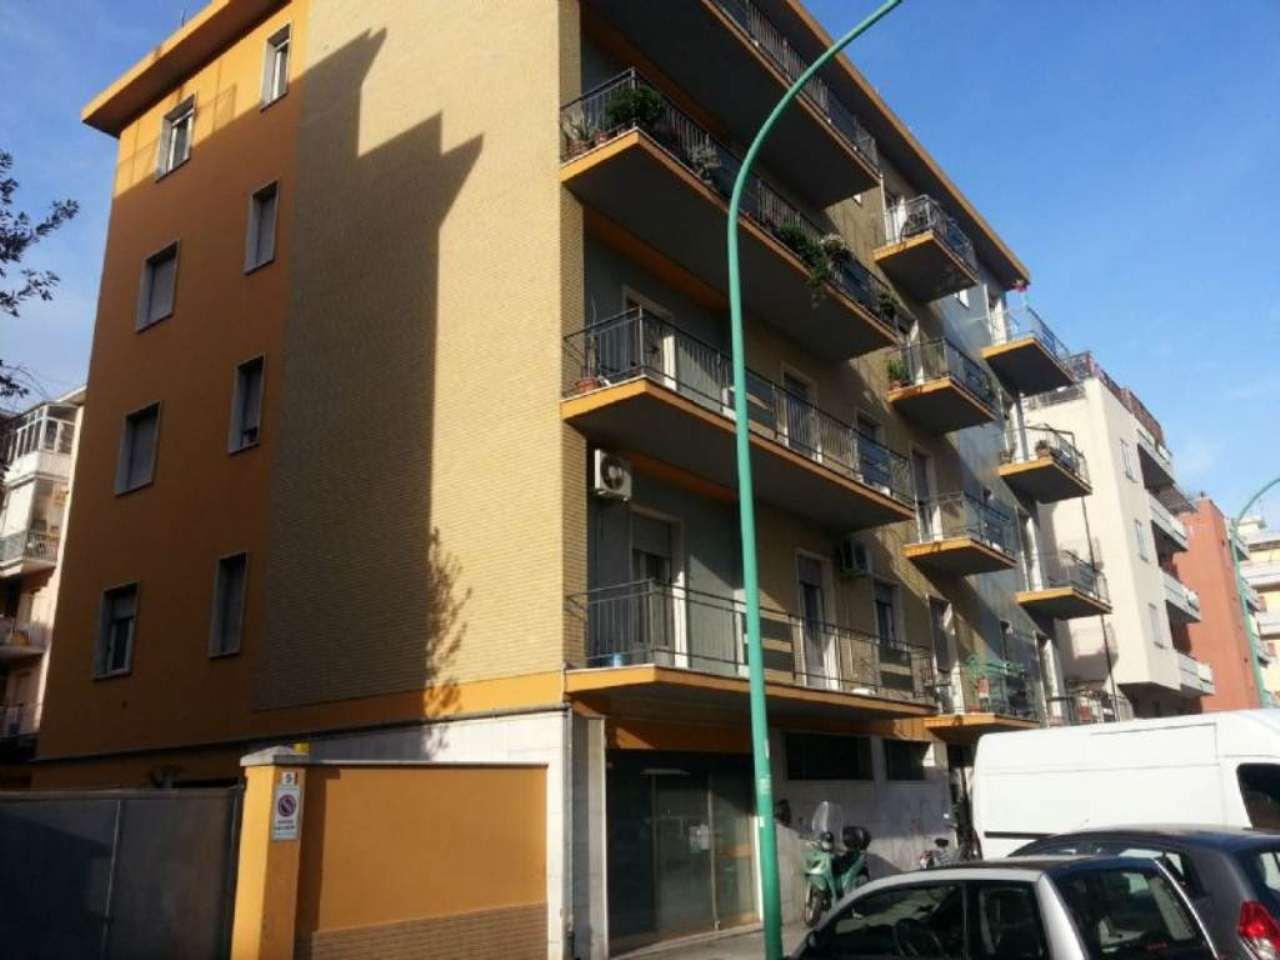 Negozio / Locale in affitto a Pescara, 2 locali, prezzo € 500 | Cambio Casa.it